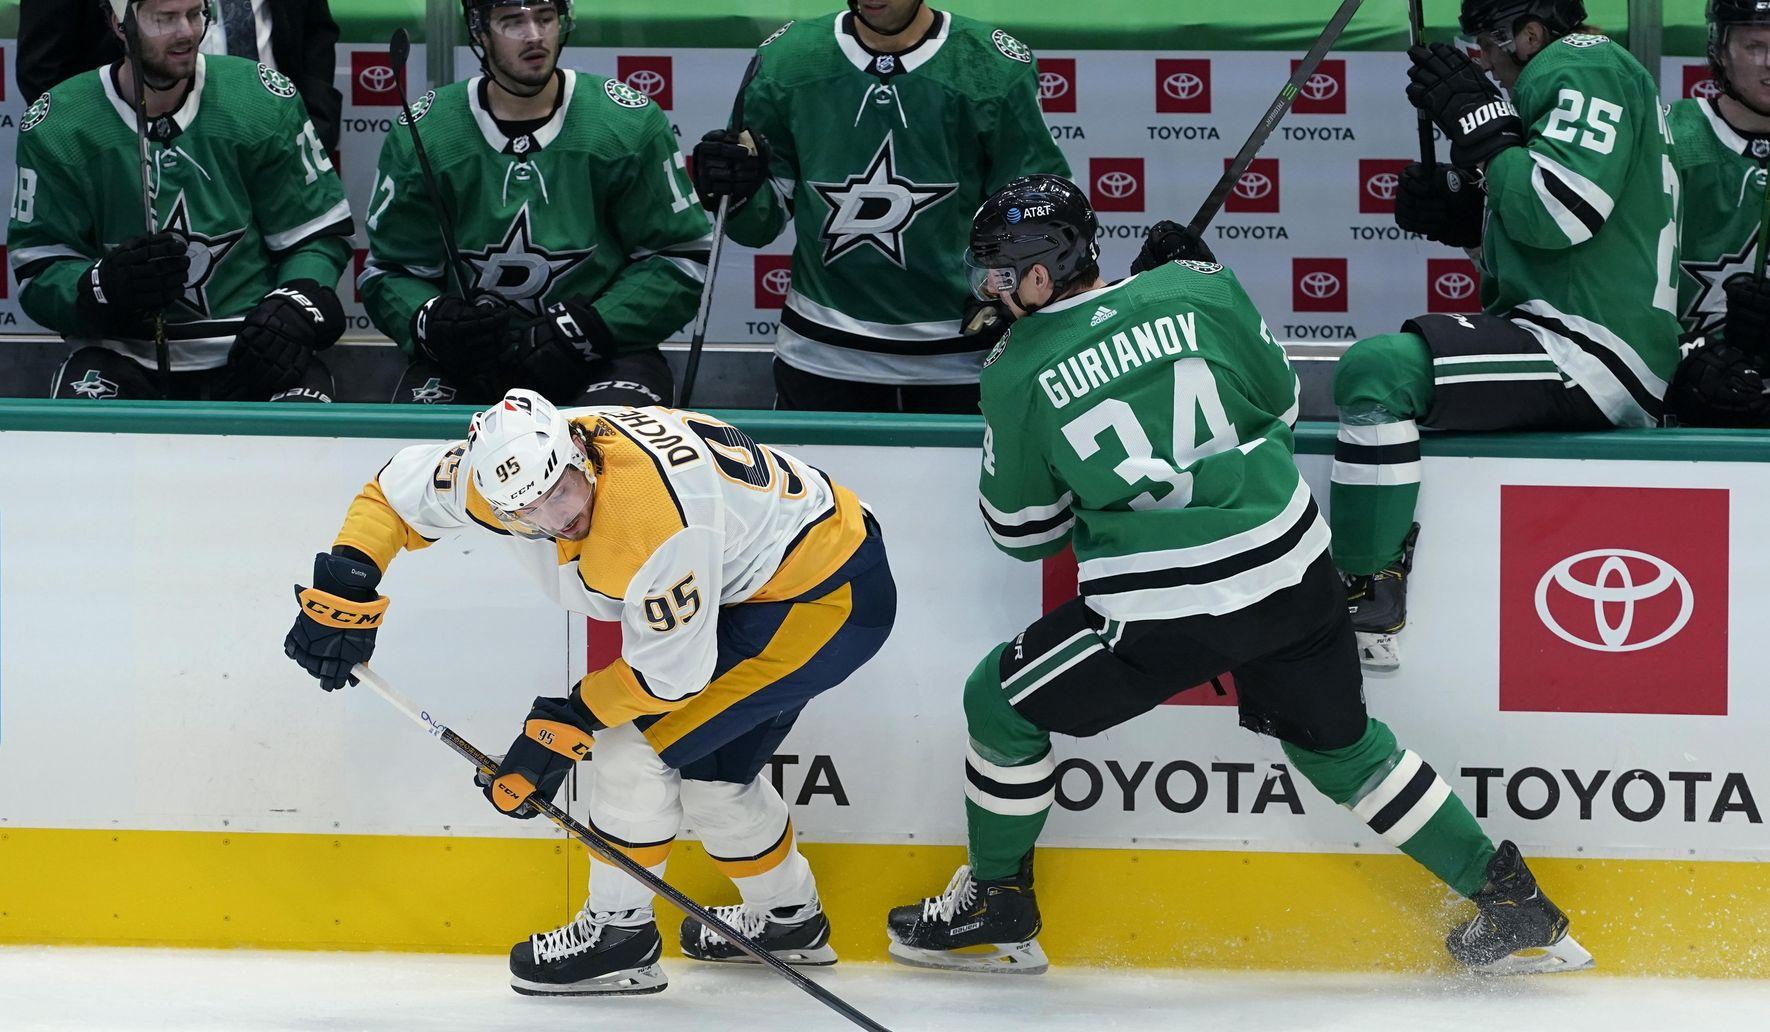 Predators_stars_hockey_52684_c0-215-5145-3214_s1770x1032